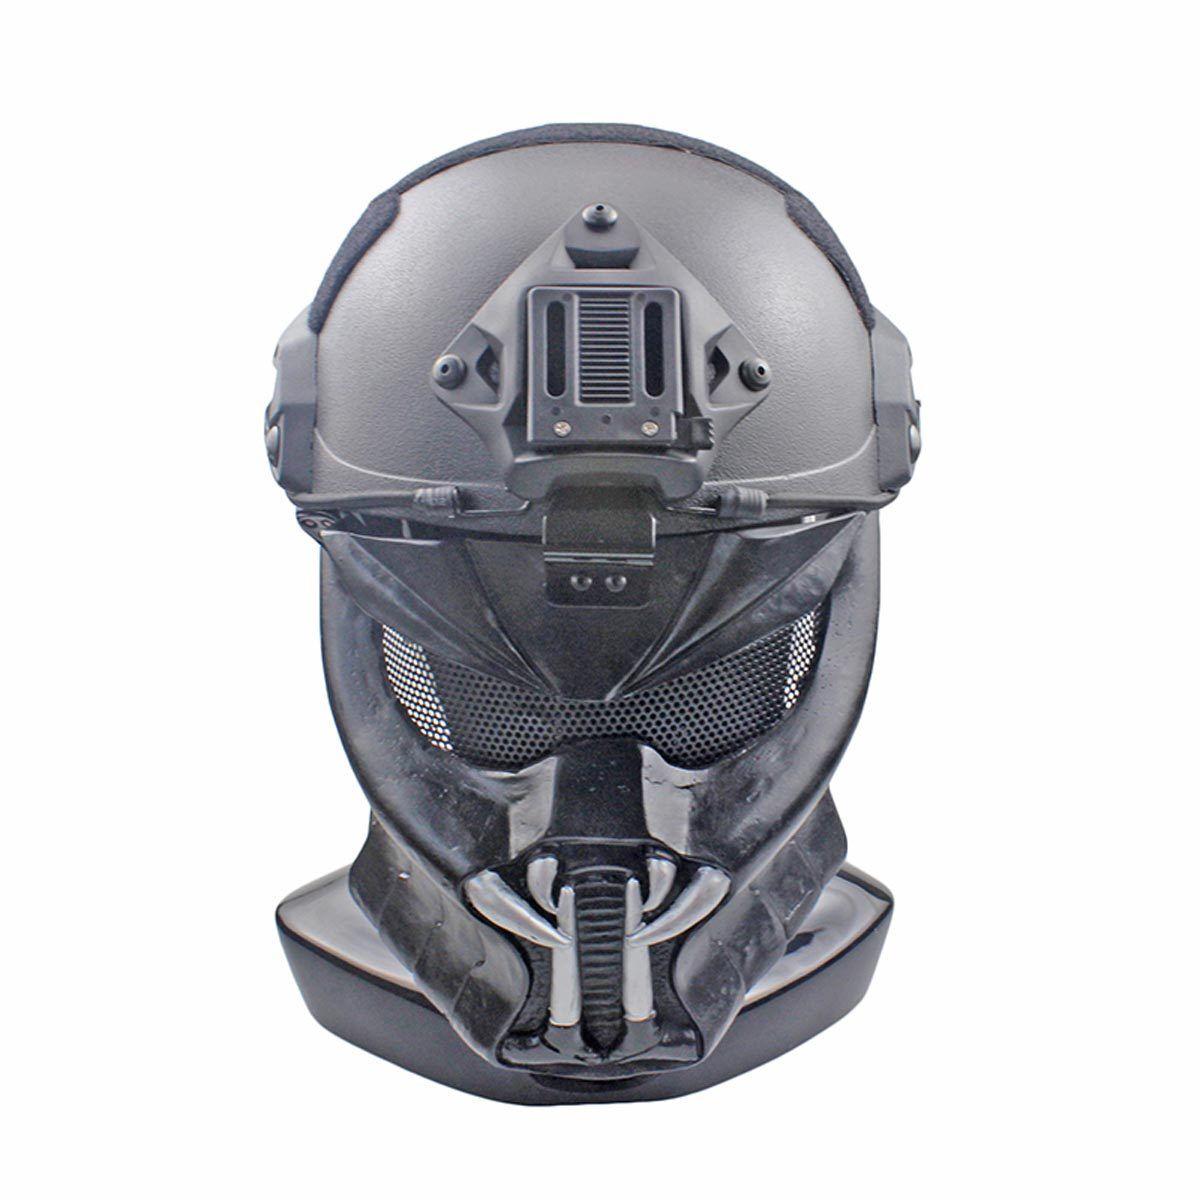 NEW Wire Mesh Glass Fiber Resin Airsoft CS Half Face Mask For Helmet AVP M163